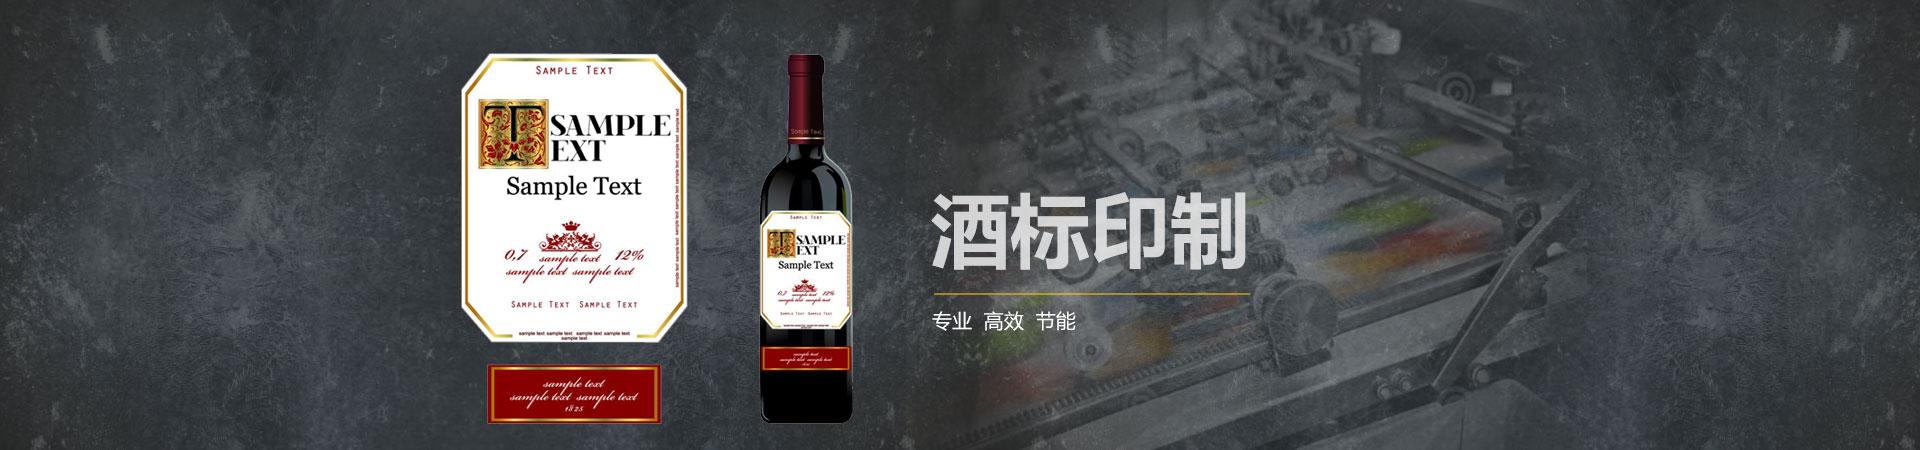 红酒酒标制作